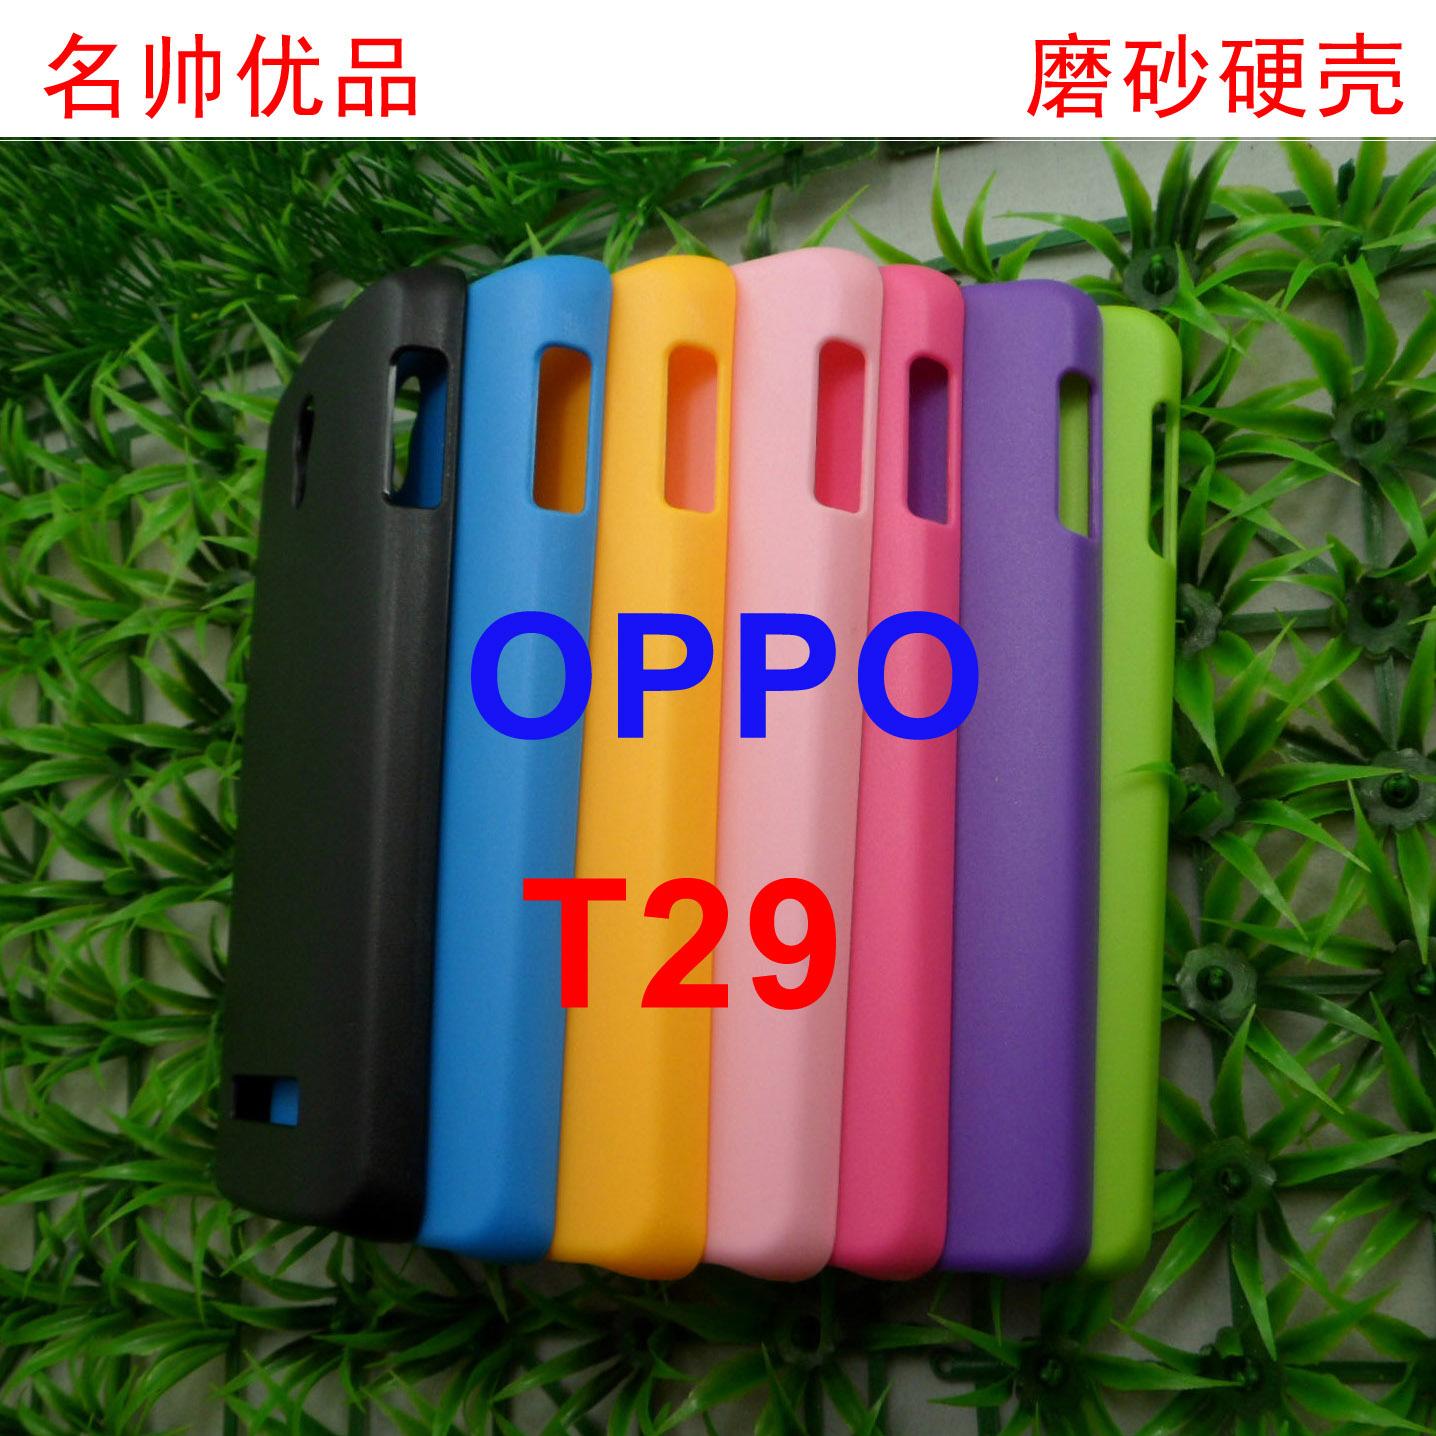 Чехлы, Накладки для телефонов, КПК OPPO R817, U701, T29 Европейский стиль